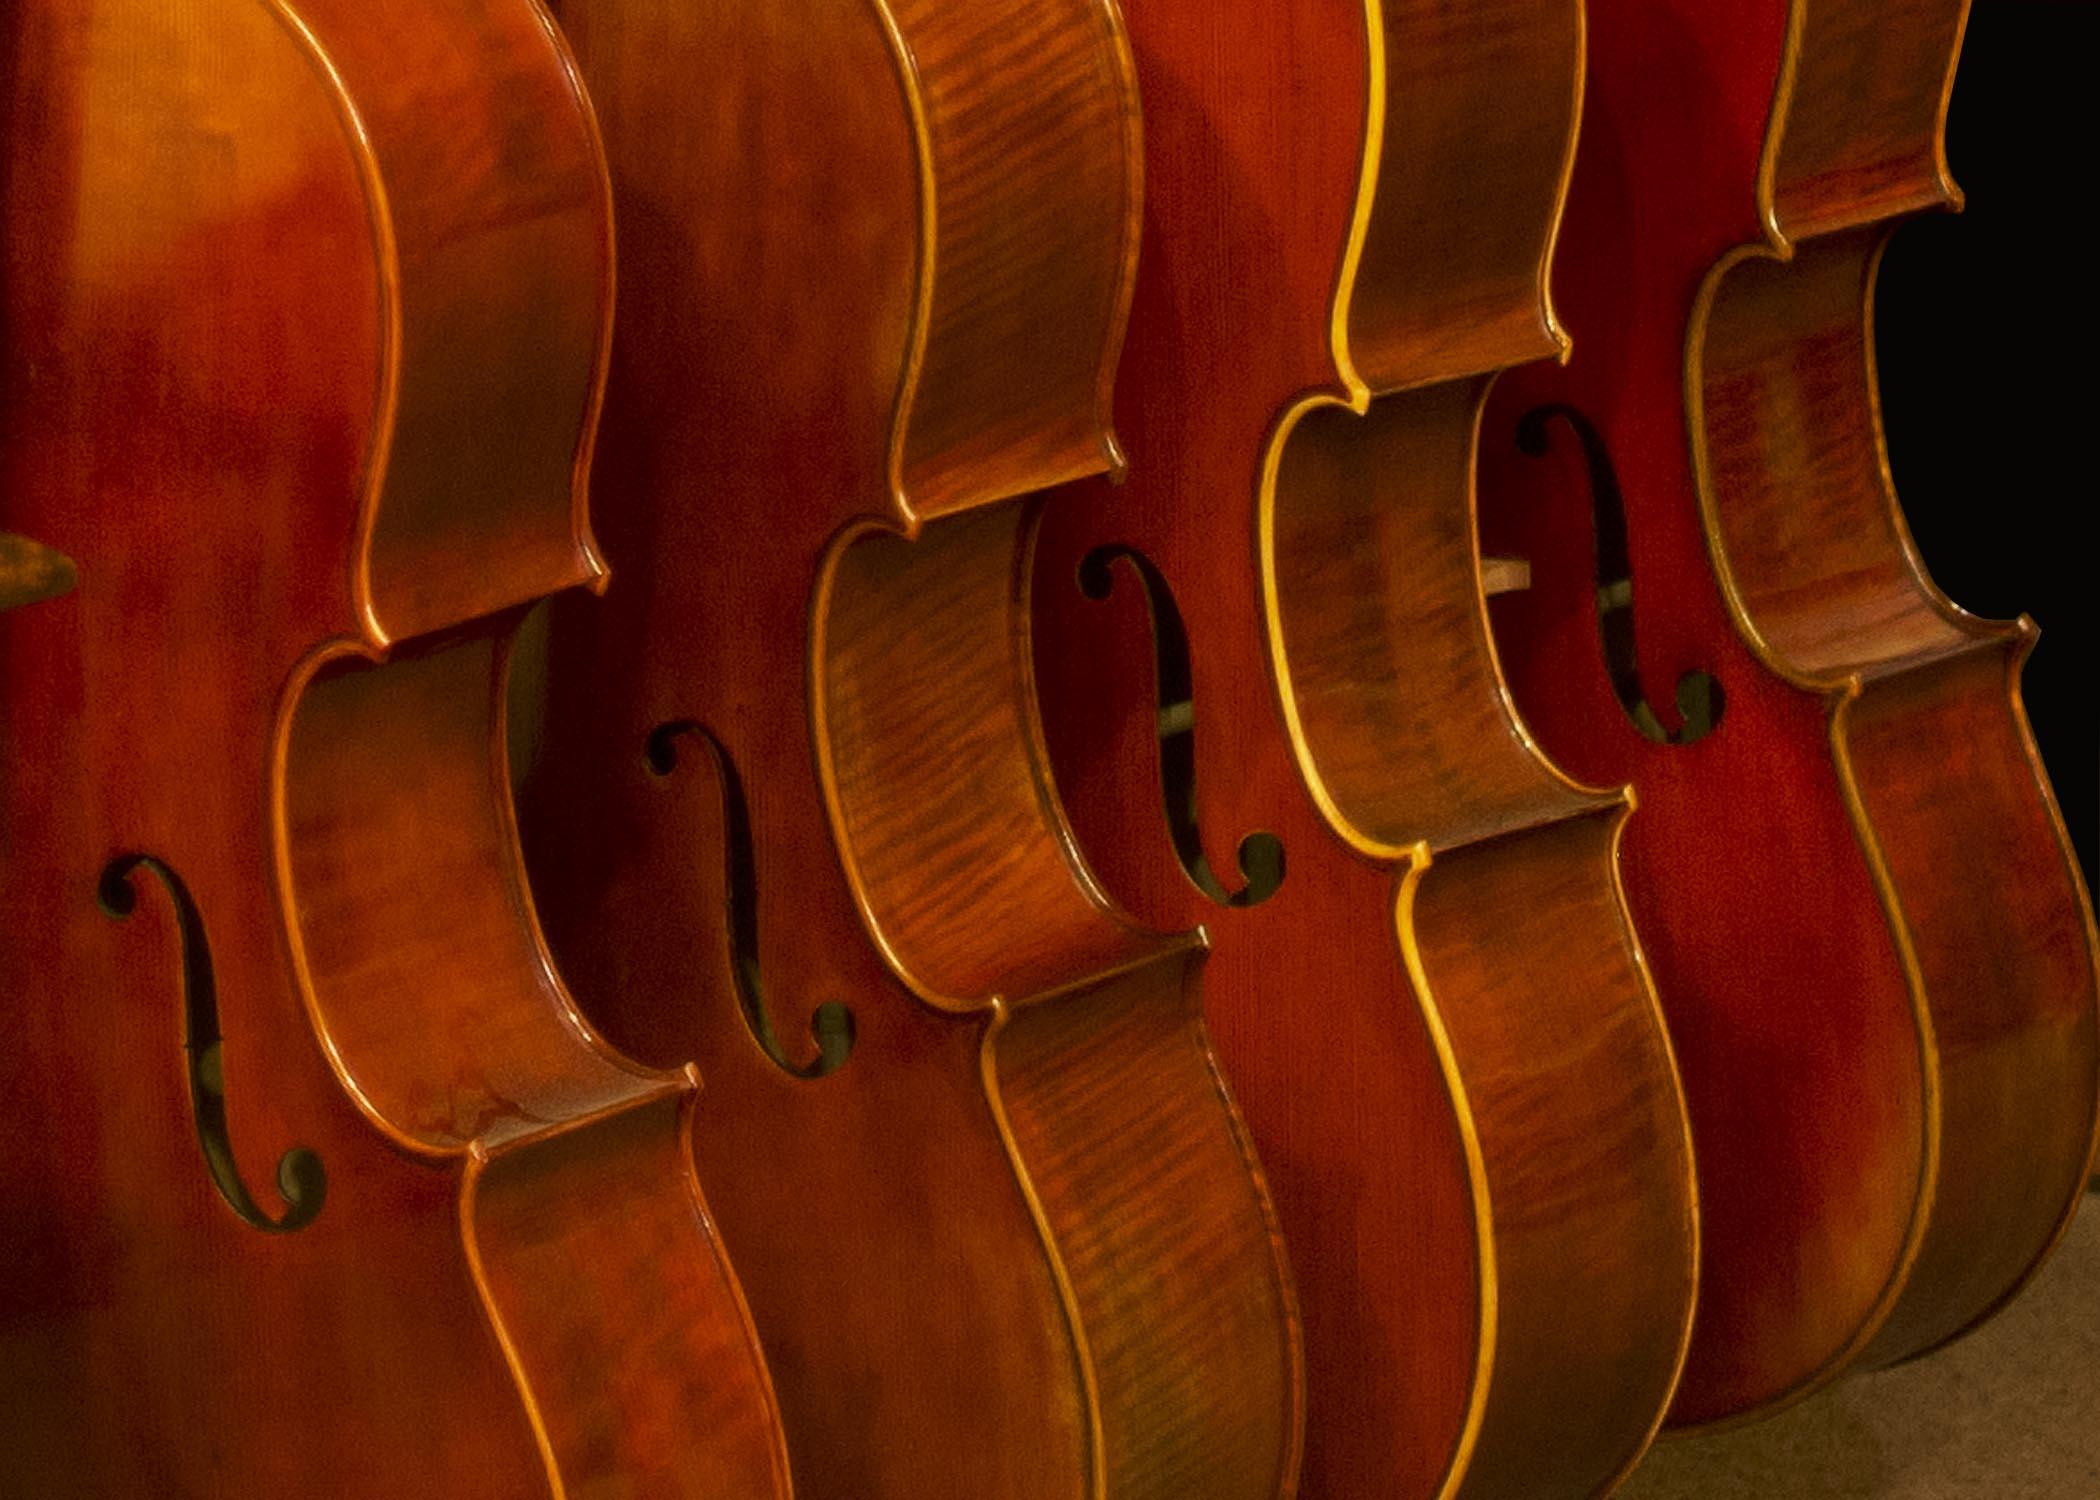 Violins_1923.jpg